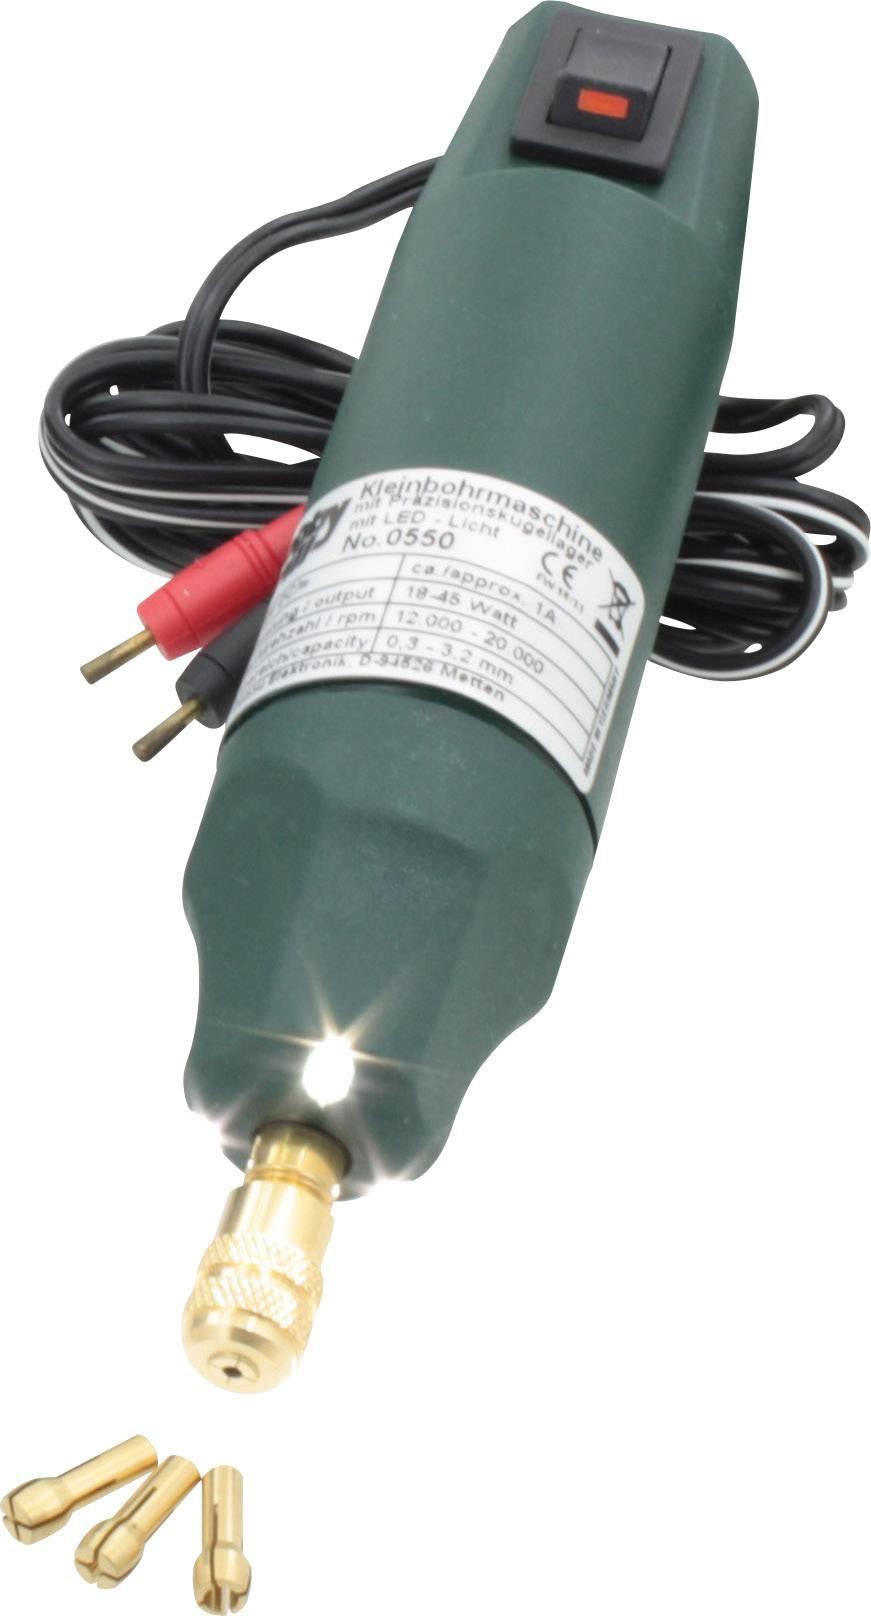 Multifunkčné náradie Donau Elektronik 0550 0550, 45 W